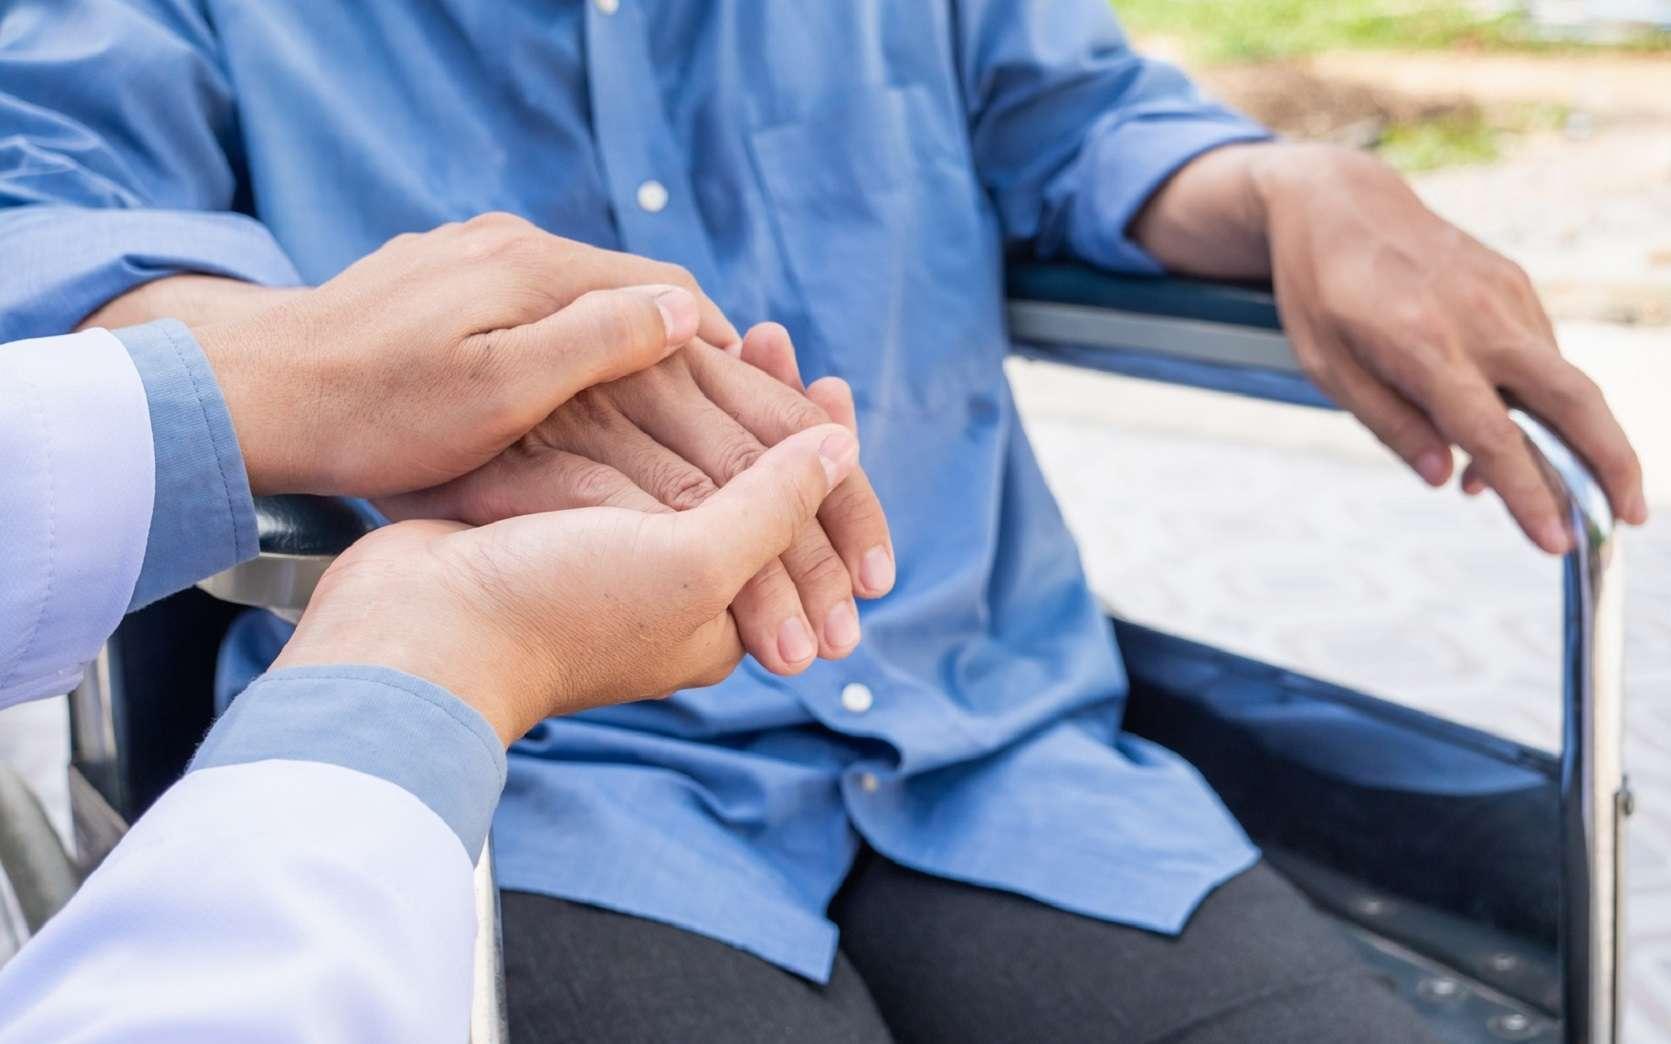 La maladie de Parkinson conduit à des troubles moteurs, dont des tremblements. © makibestphoto, Fotolia